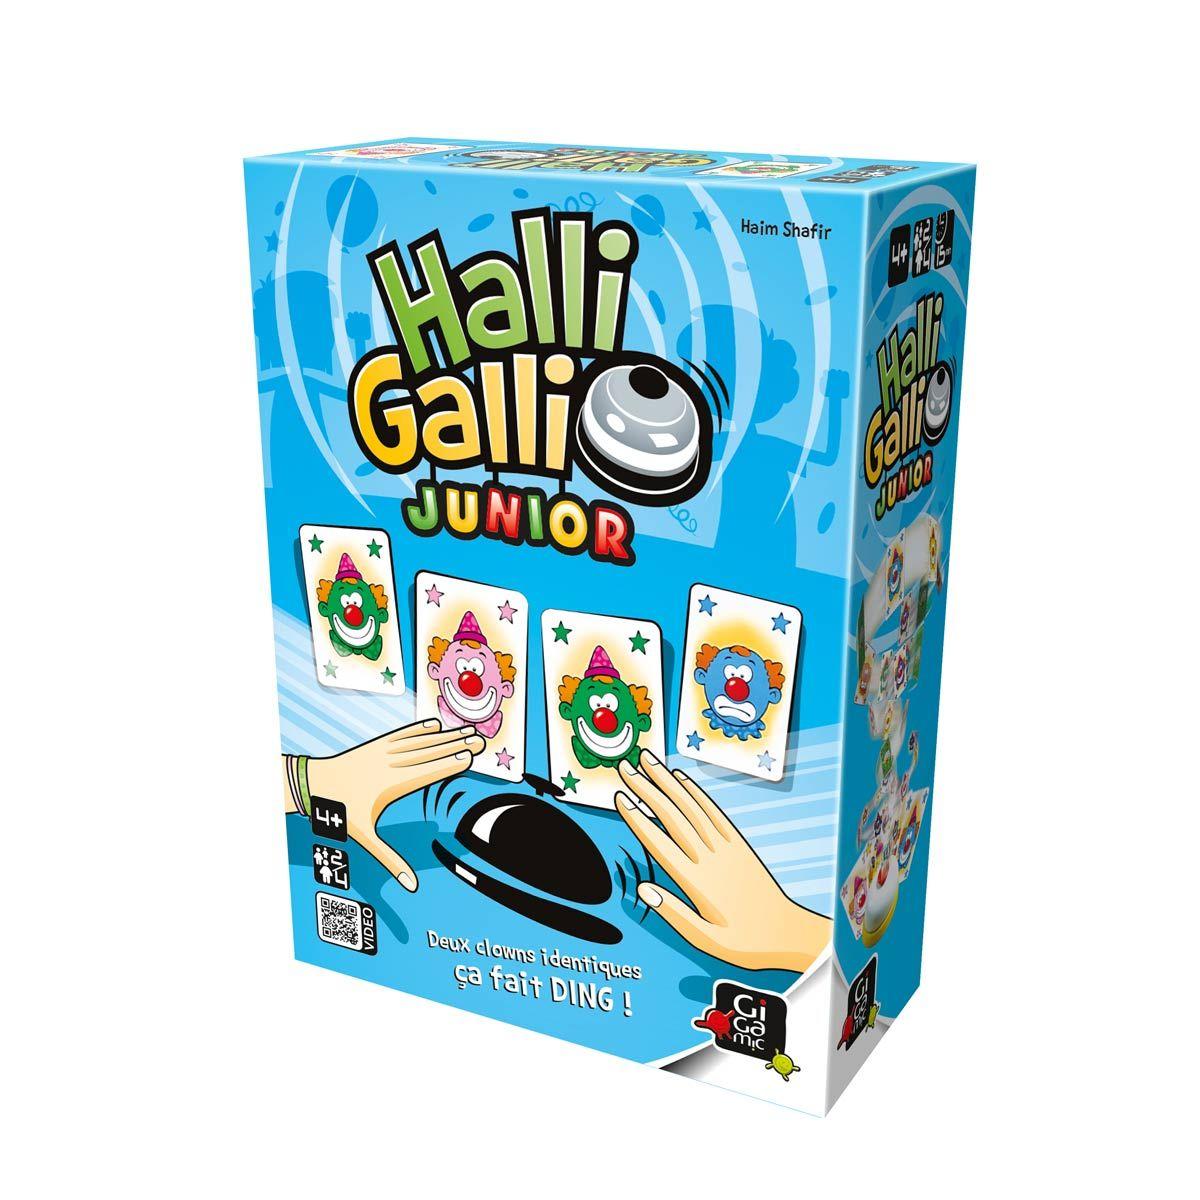 Jeu de société Halli galli junior Gigamic pour enfant de 4 ans à 8 ans - Oxybul éveil et jeux ...